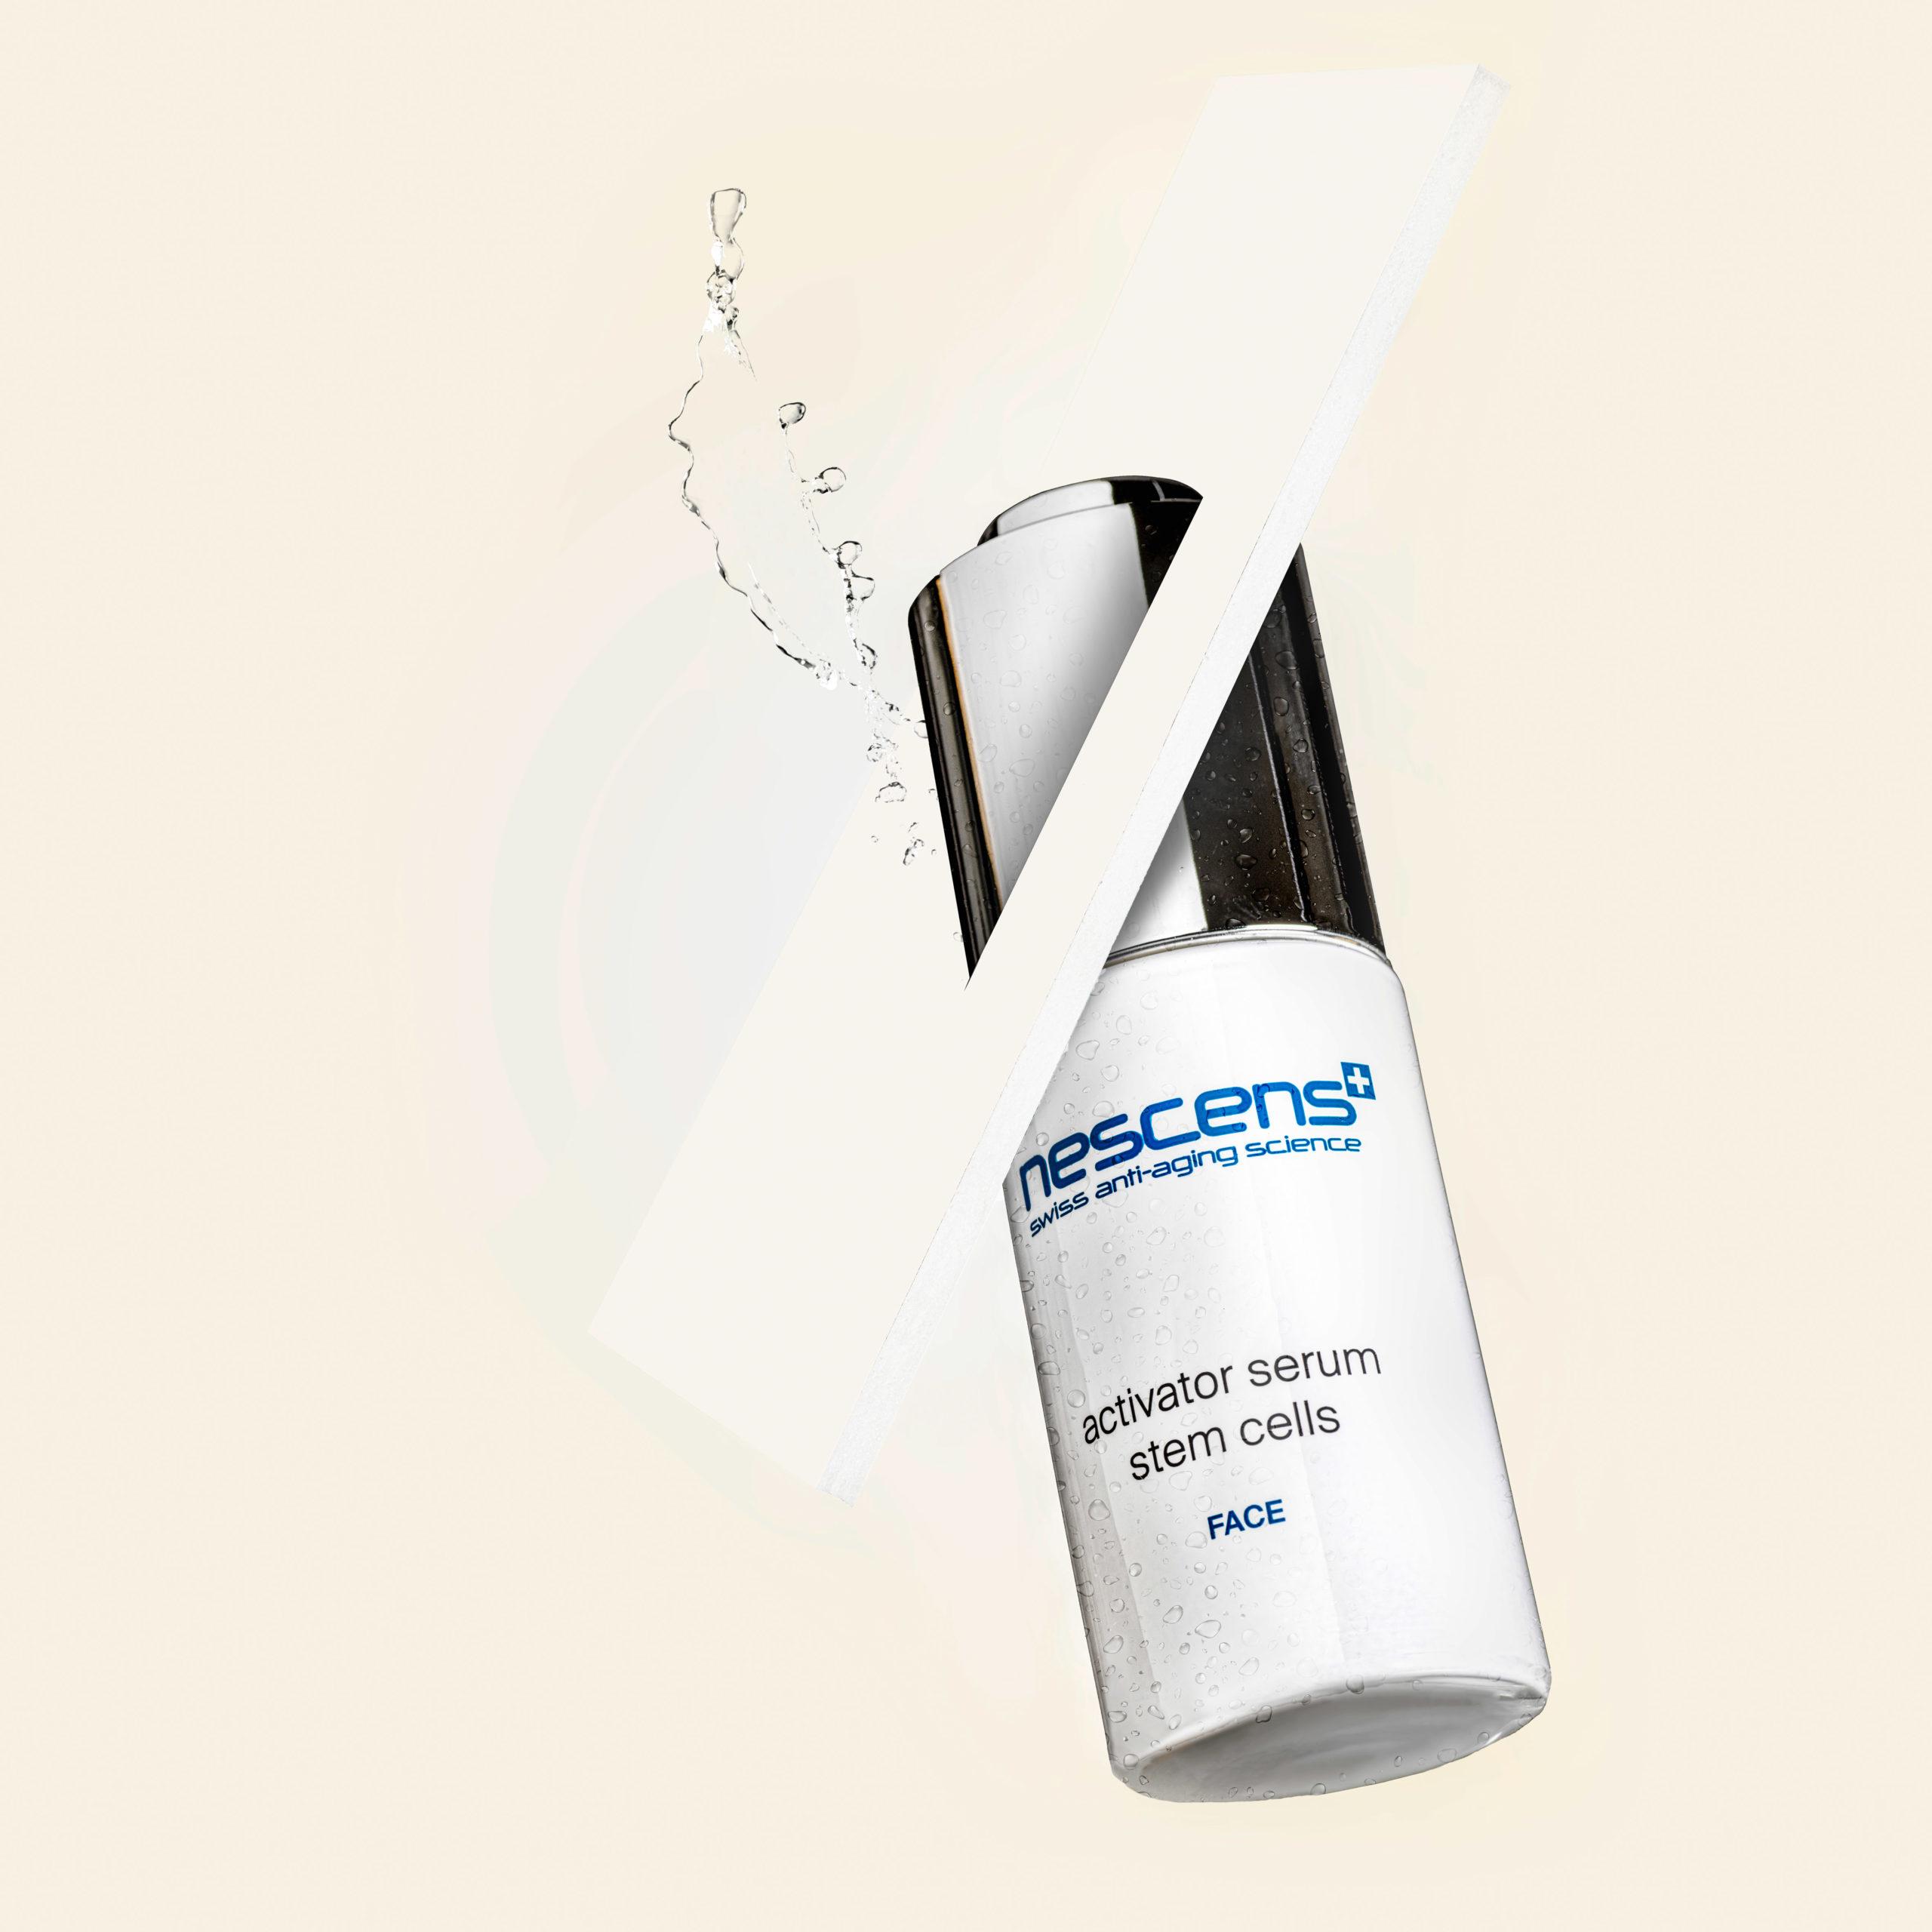 Ästhetische Bilder von Nescens Produkten 2